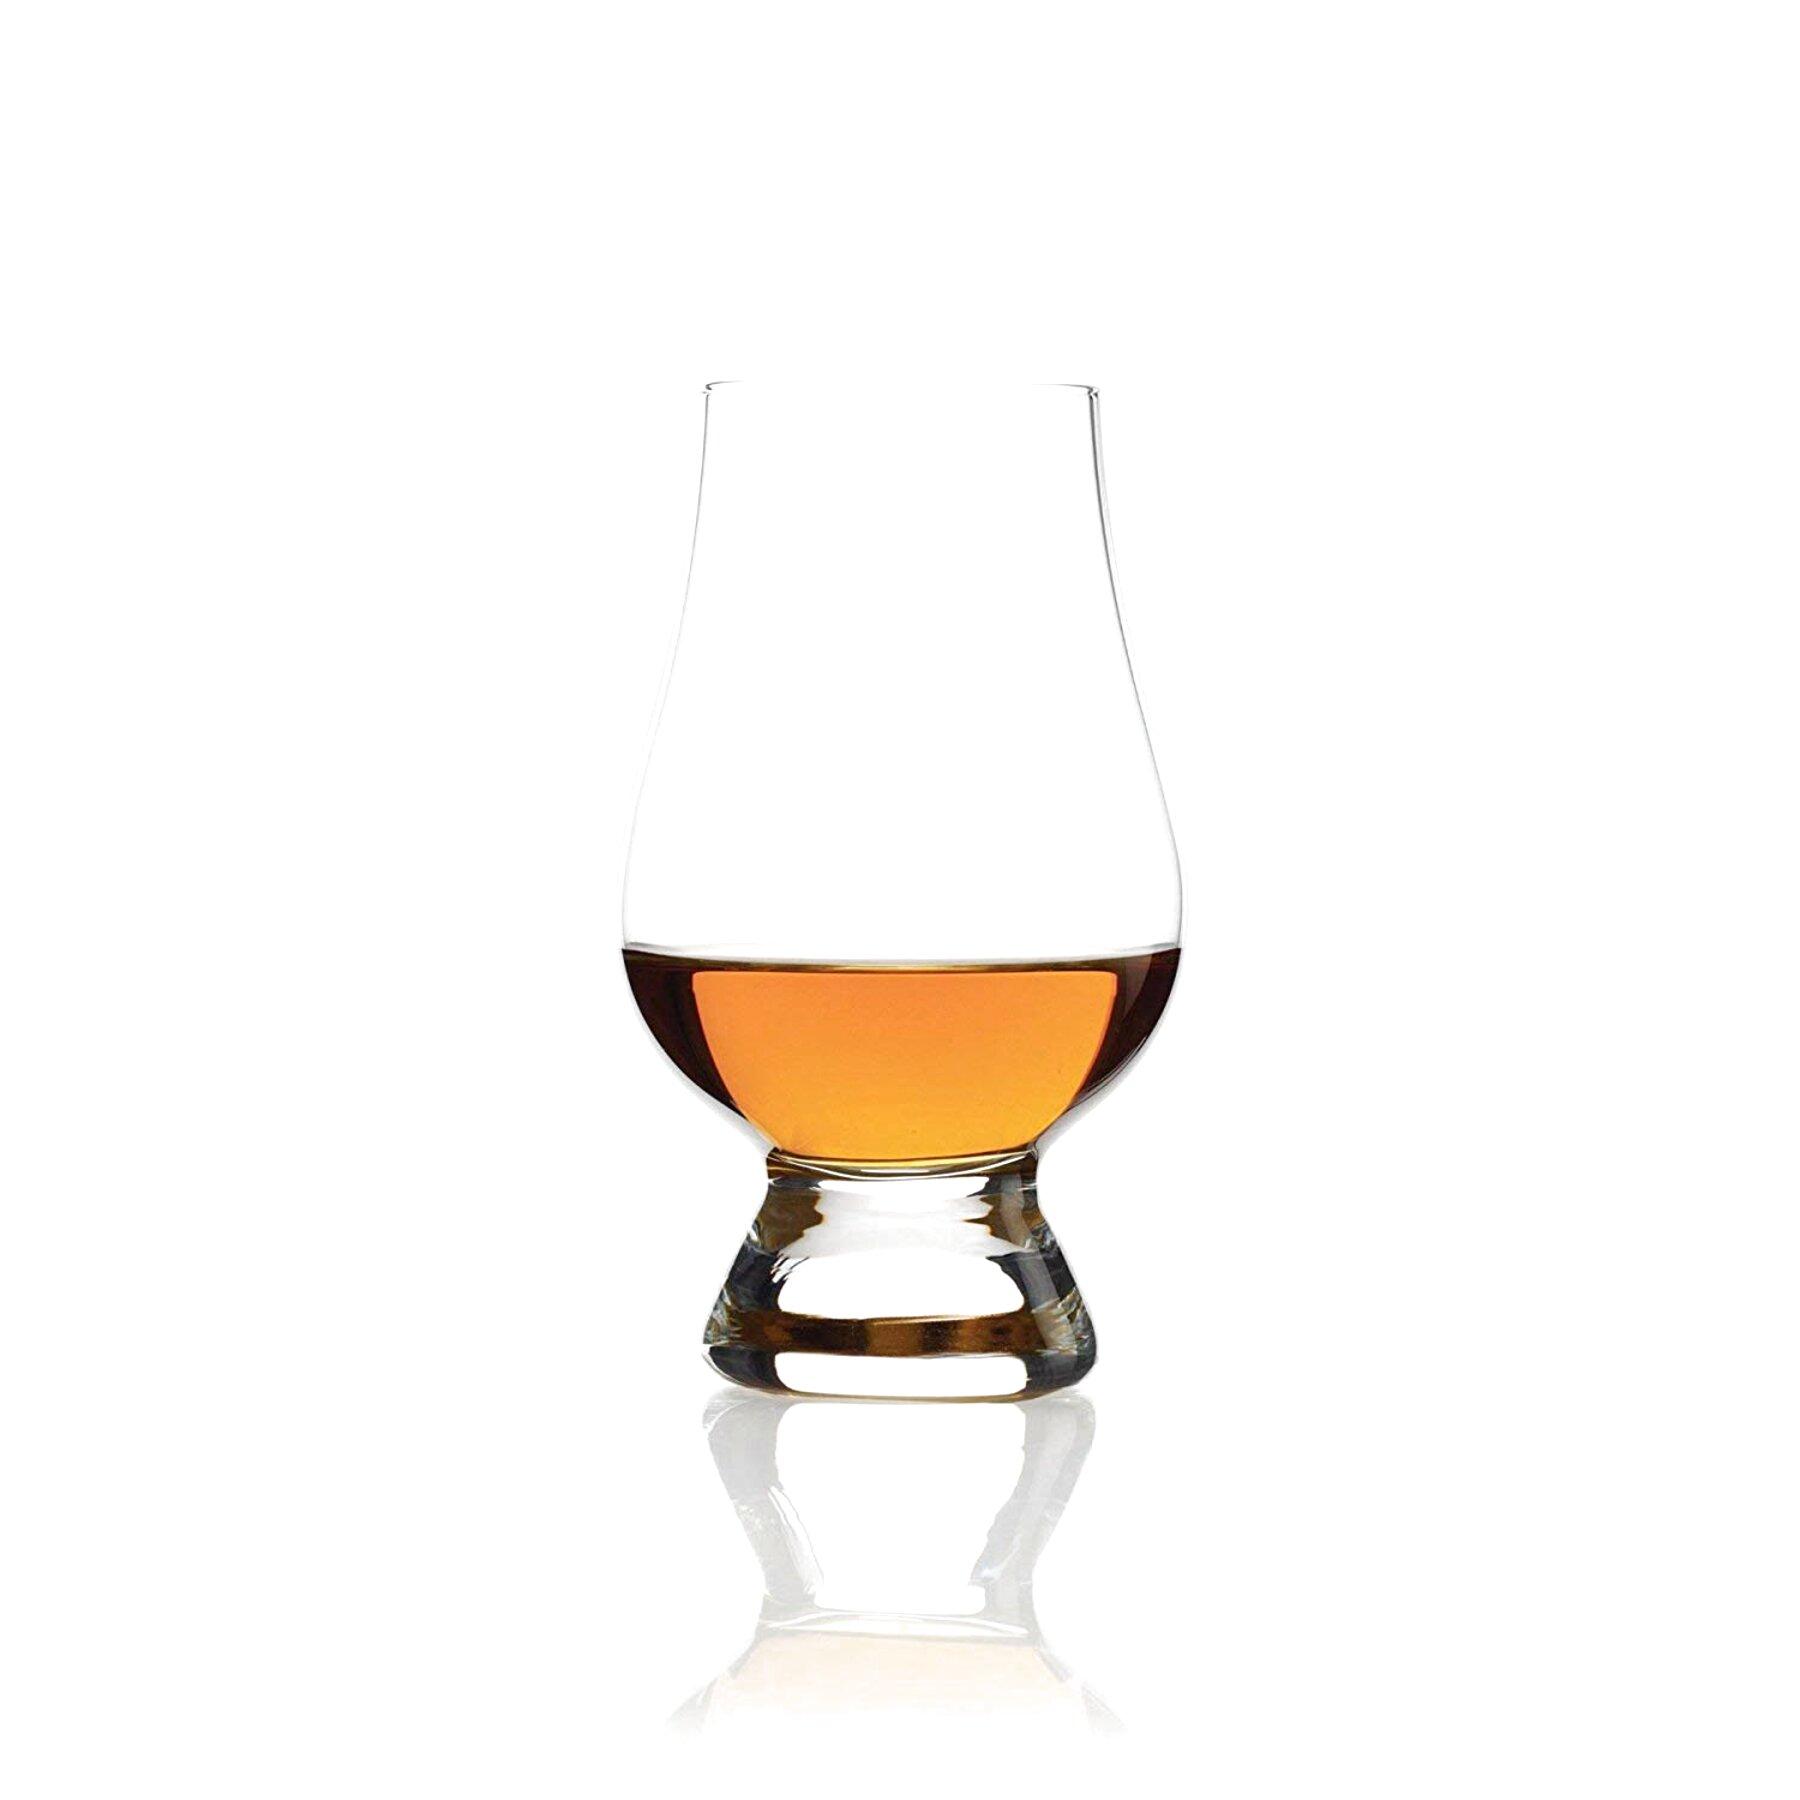 glencairn glass for sale